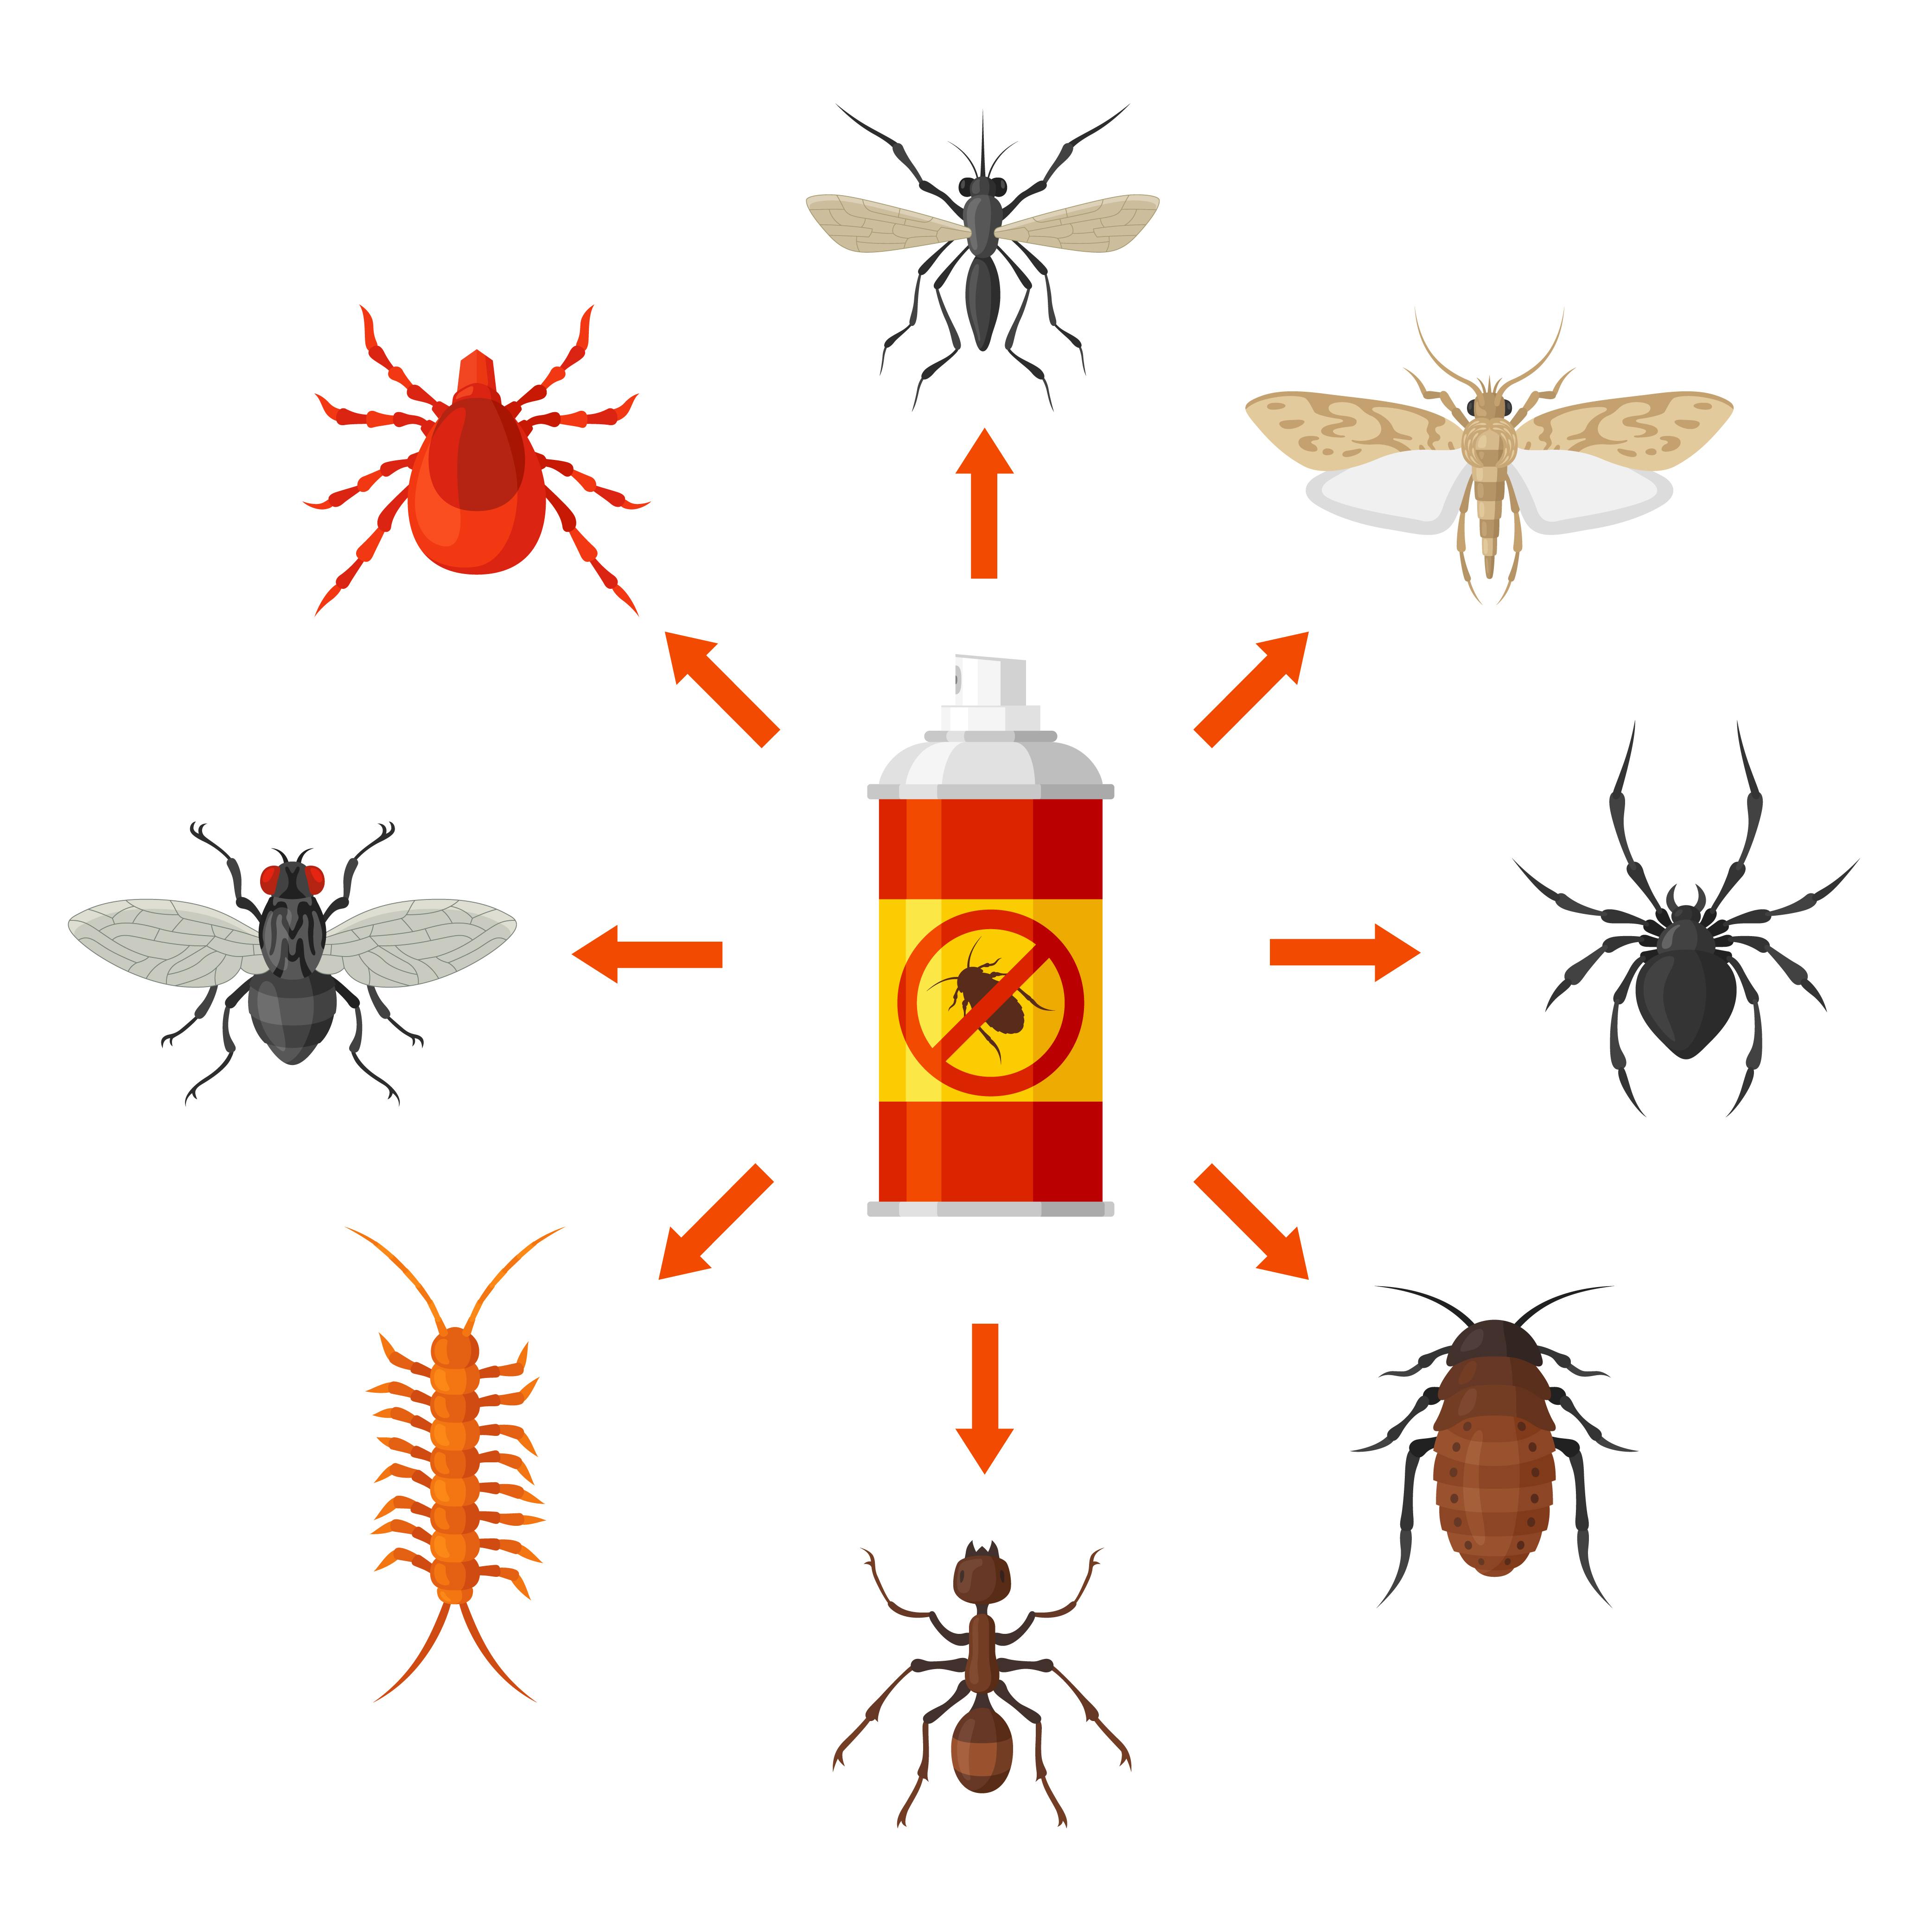 identifier un insecte de maison blogue exterminateurs. Black Bedroom Furniture Sets. Home Design Ideas